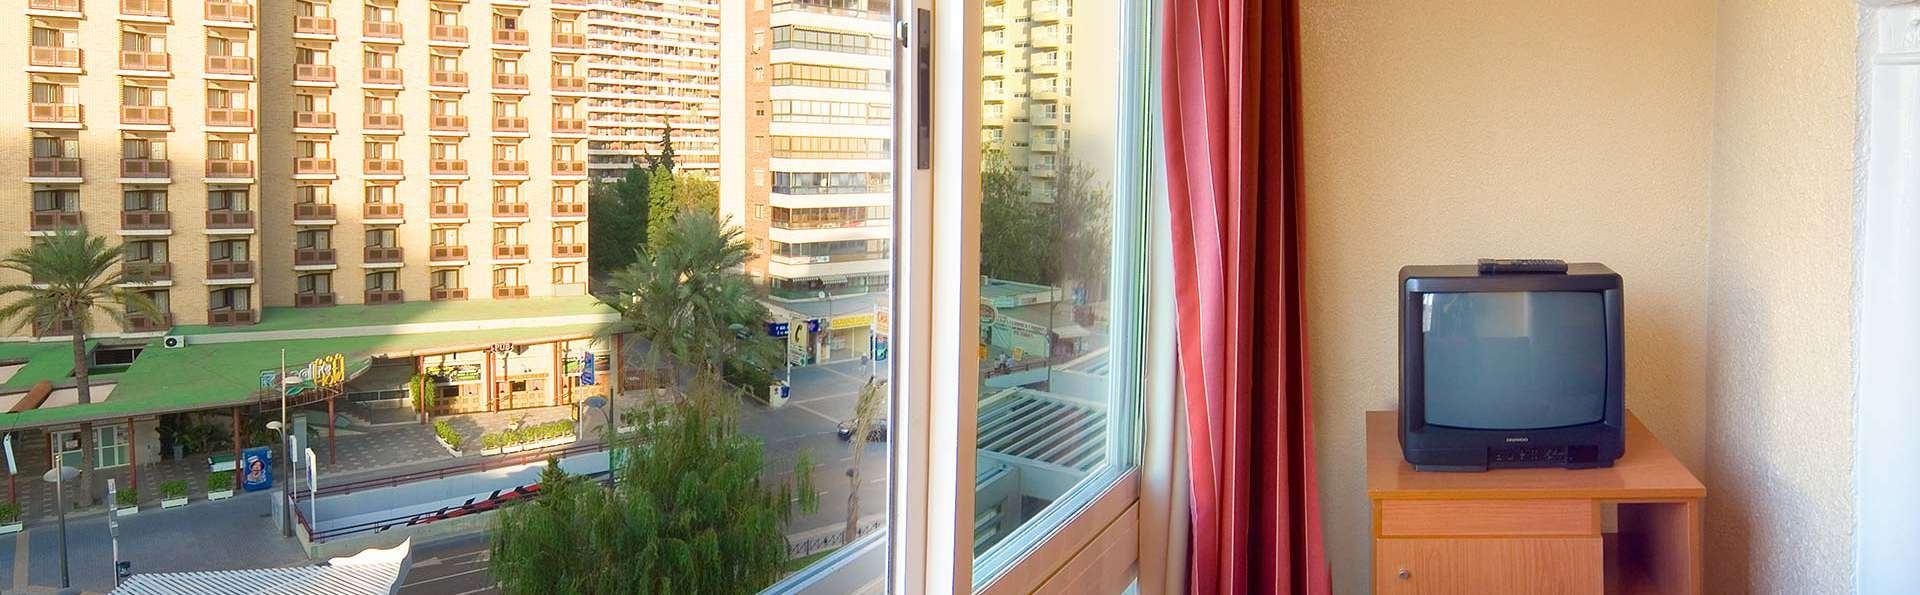 Vacaciones en familia en habitación triple en Benidorm